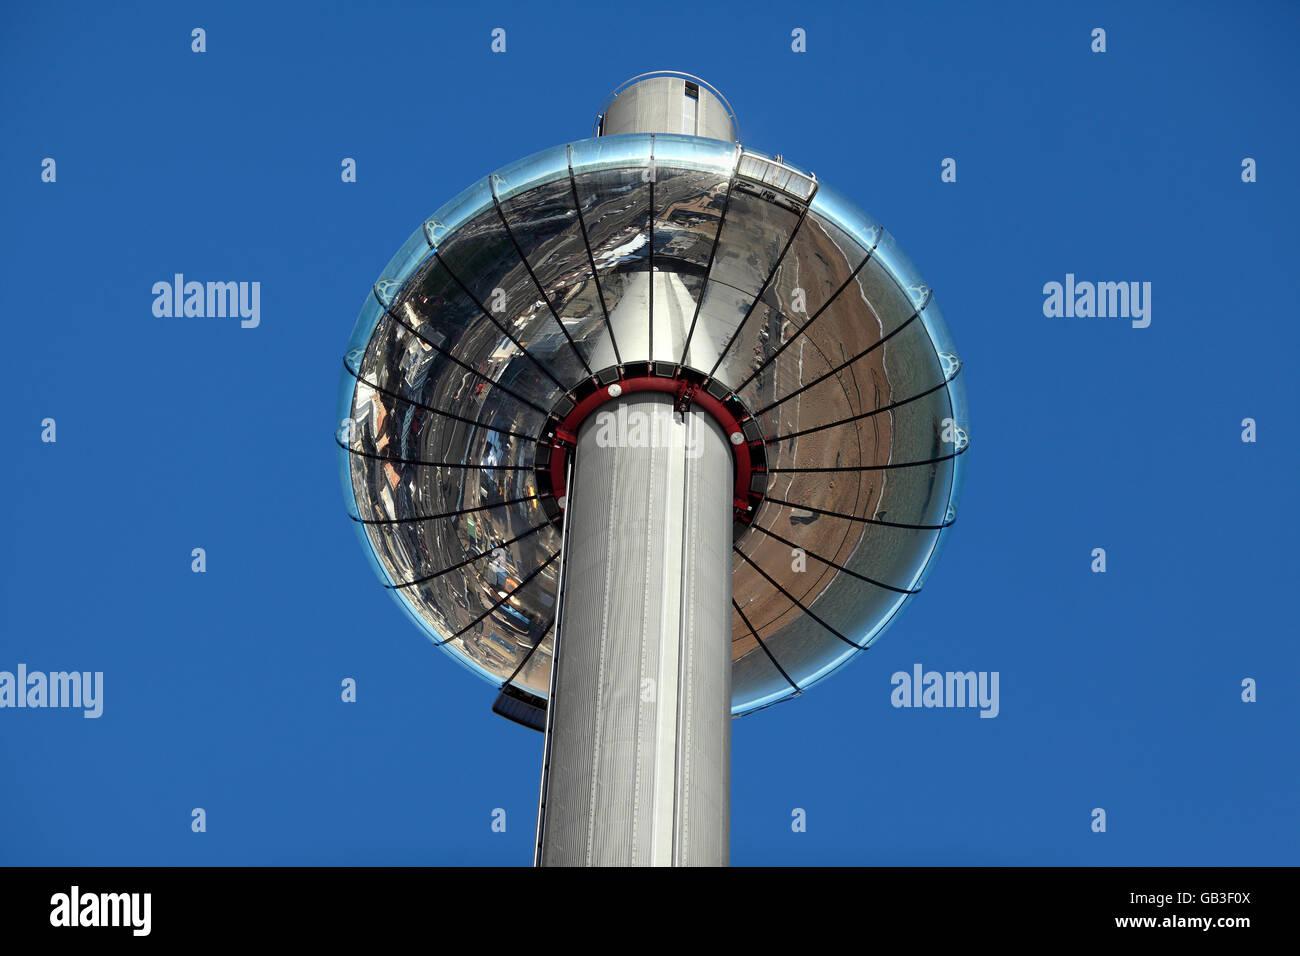 Brightons neues i360 beweglichen Aussichtsturm, zeigt die Unterseite blickte Brighton Meer widerspiegelt. Stockbild